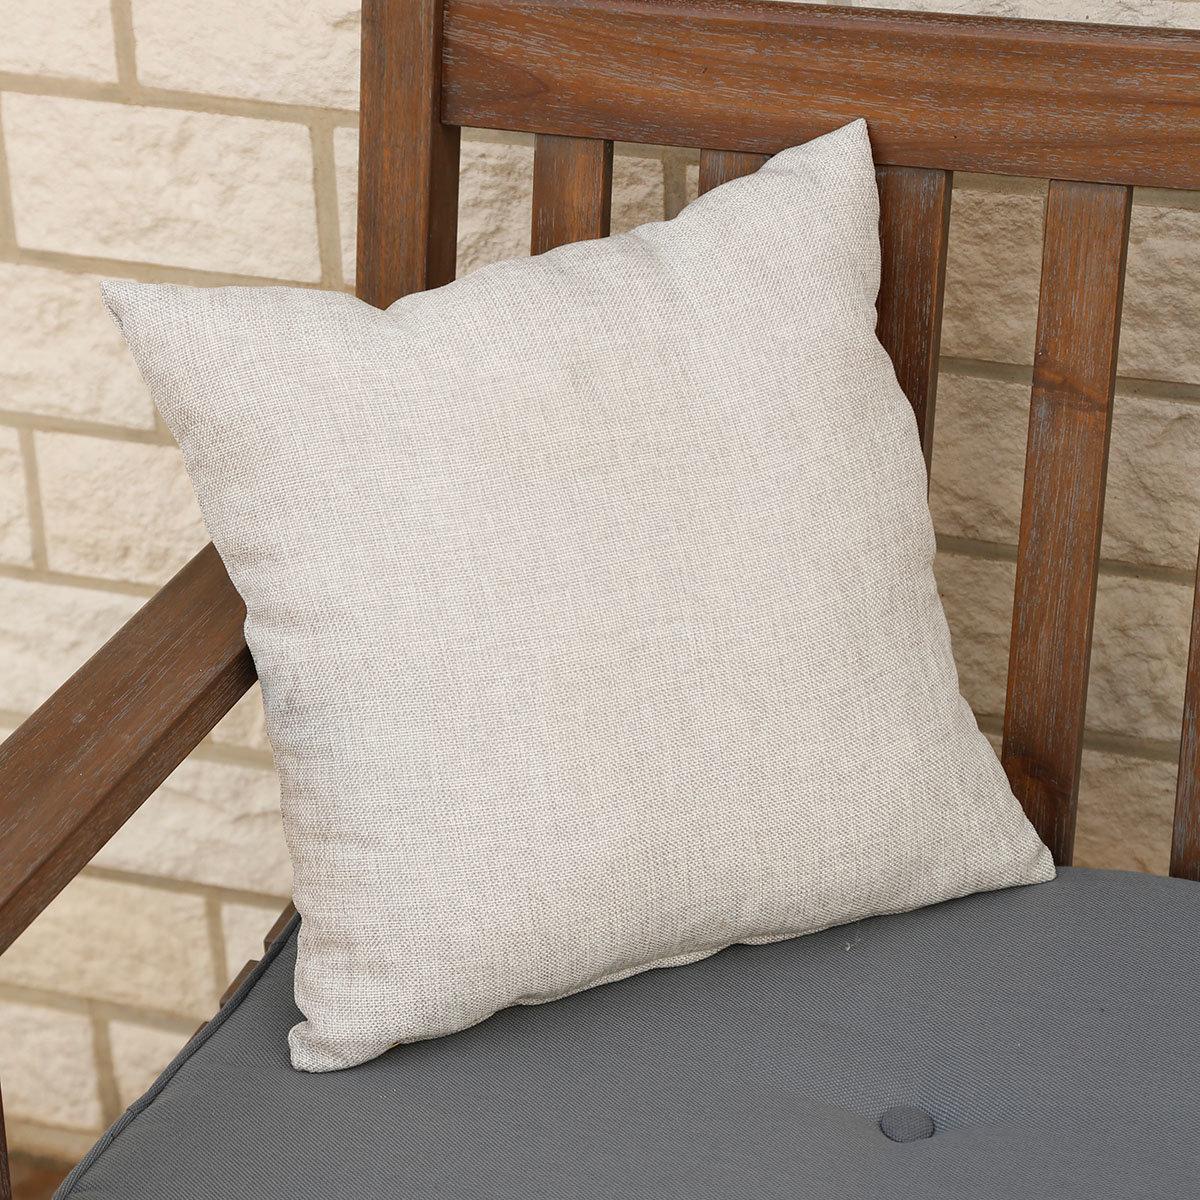 outdoor kissen cool outdoor kissen bermuda grn with outdoor kissen top chillisy summertime. Black Bedroom Furniture Sets. Home Design Ideas